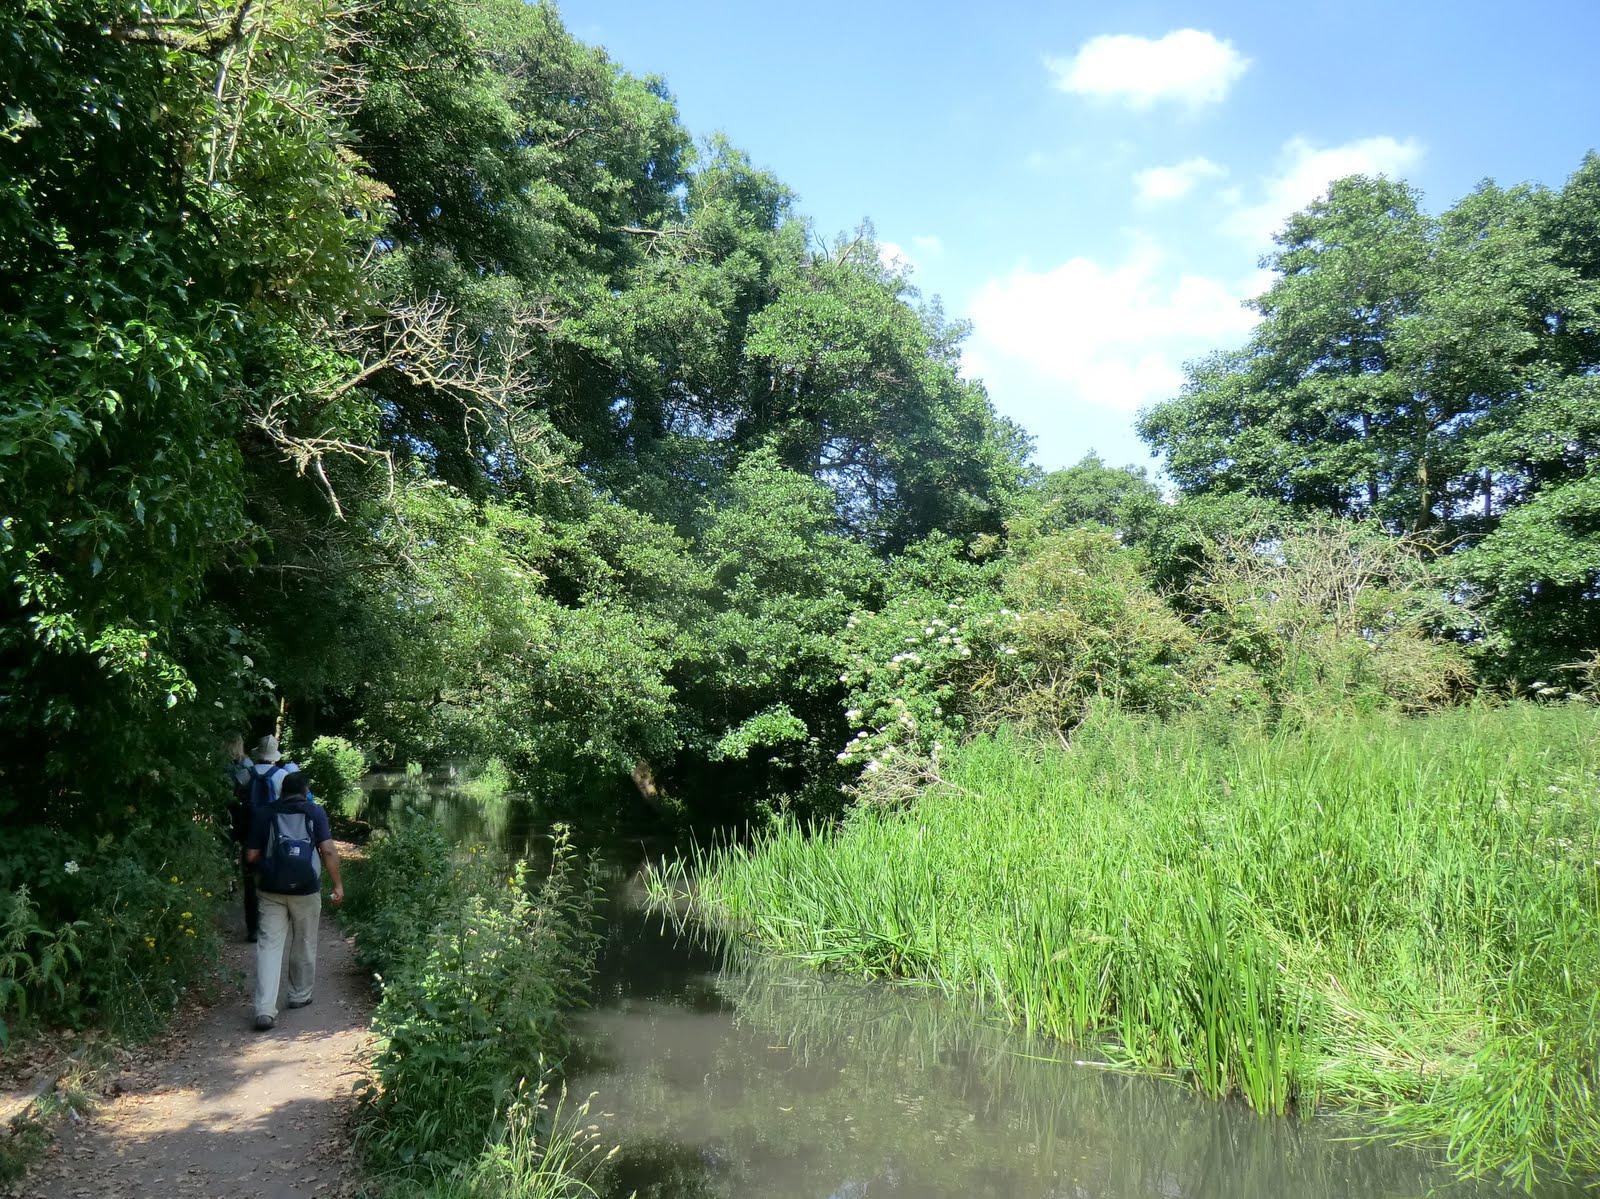 CIMG7506 River Darent, Lullingstone